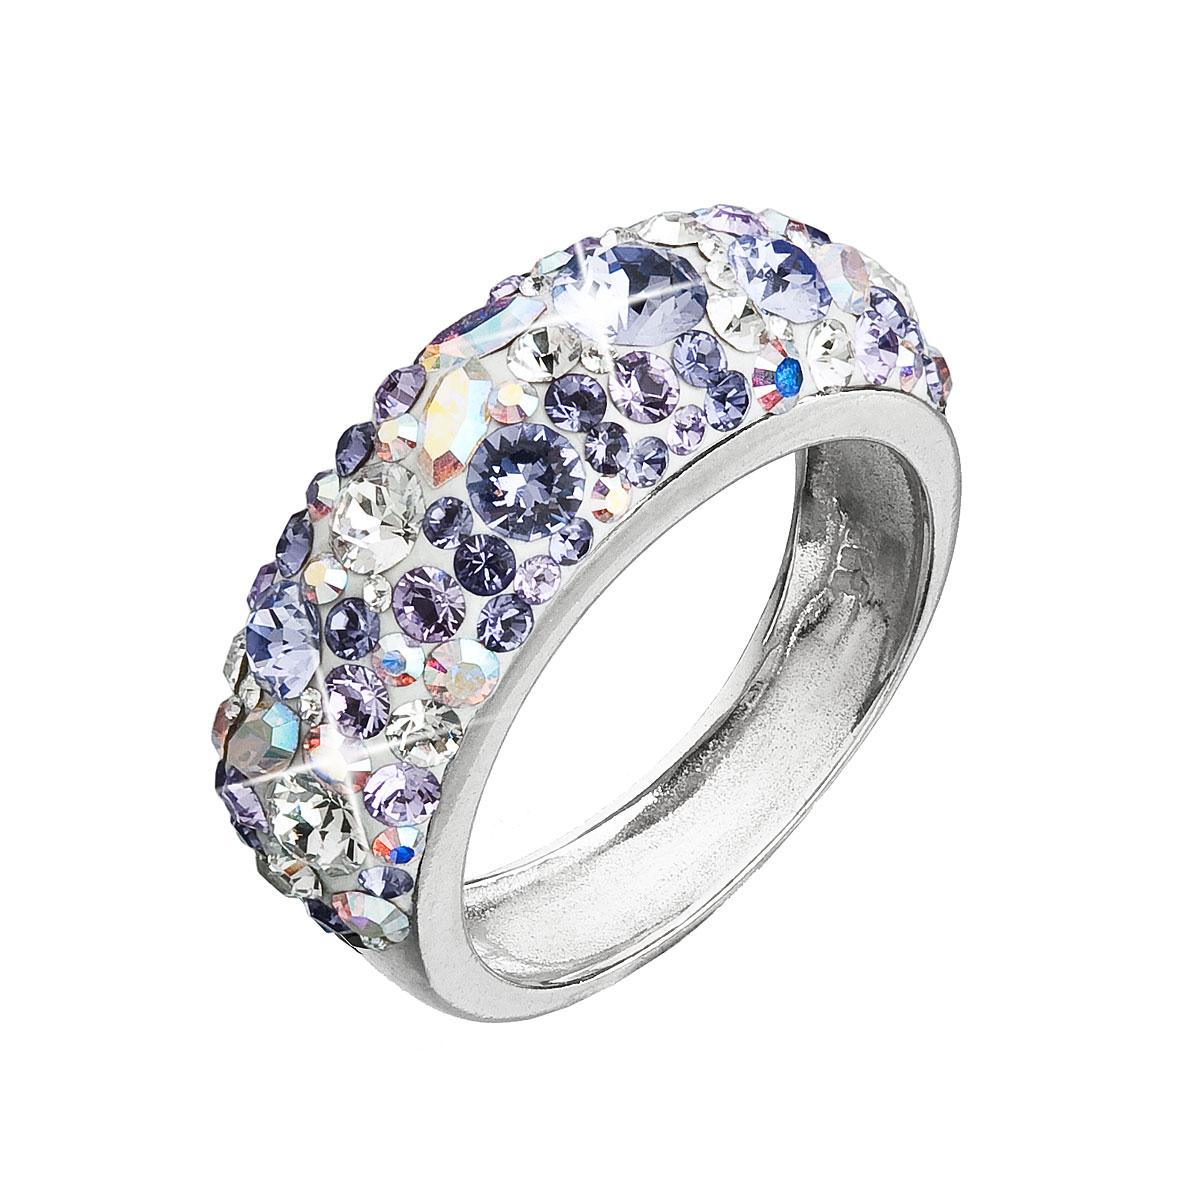 Strieborný prsteň s krištáľmi Swarovski fialový 35031.3